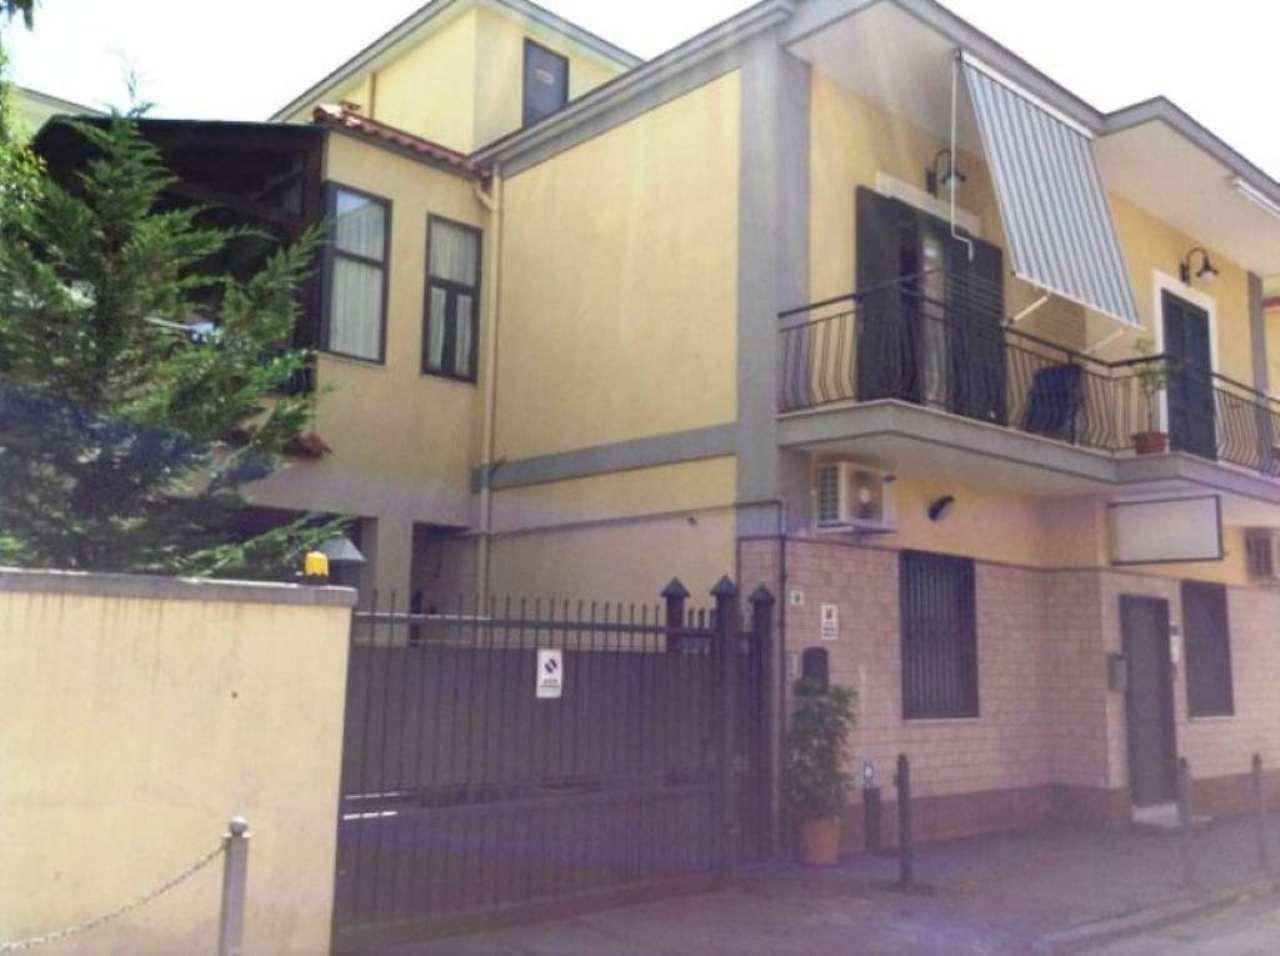 Sannino immobiliare s a s a torre del greco casa for Case in vendita torre del greco